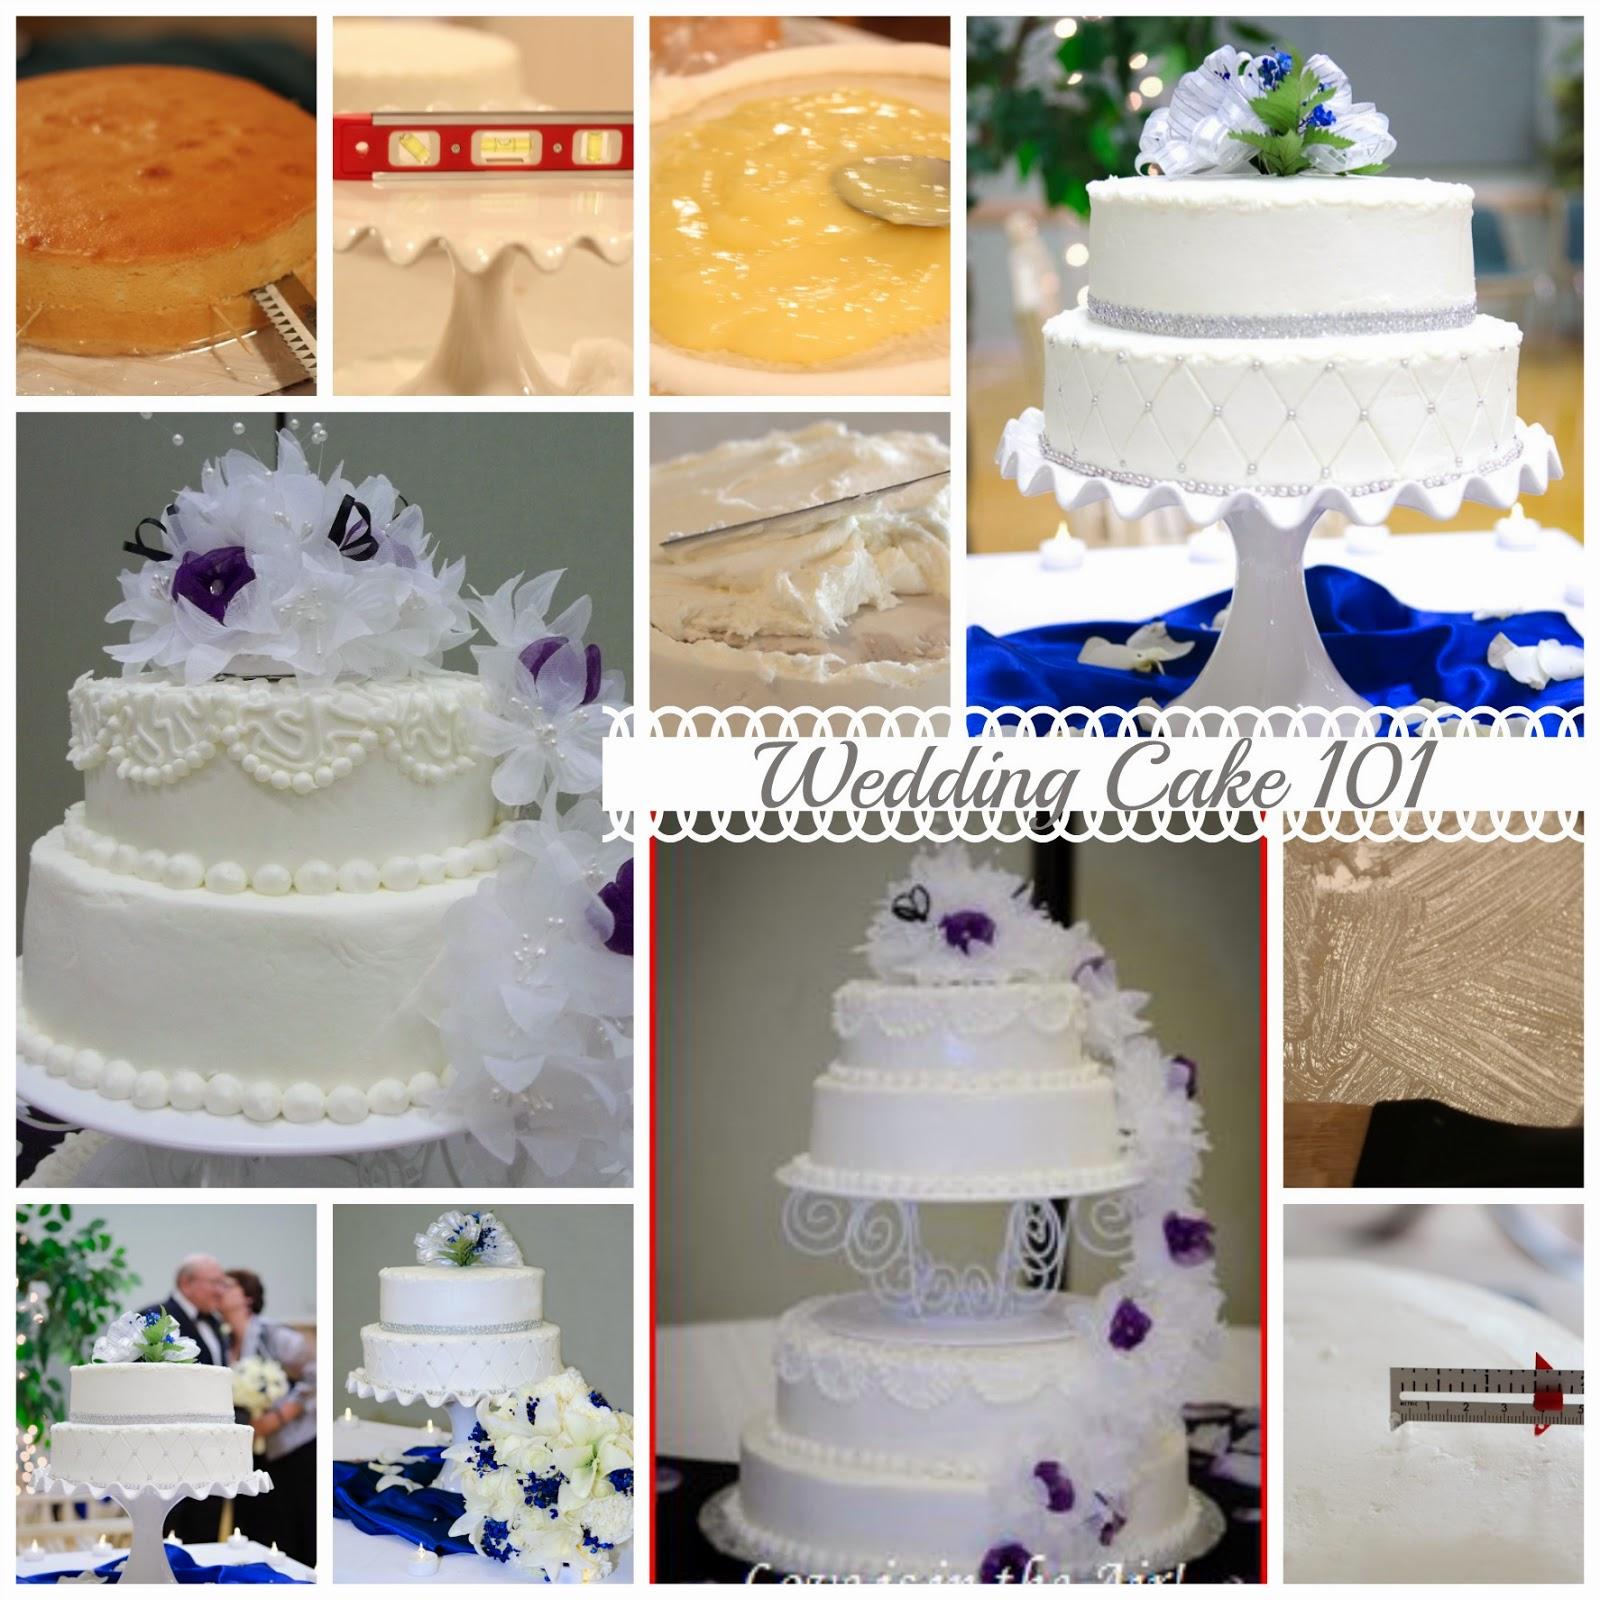 How to make a Wedding Cake Tutorial